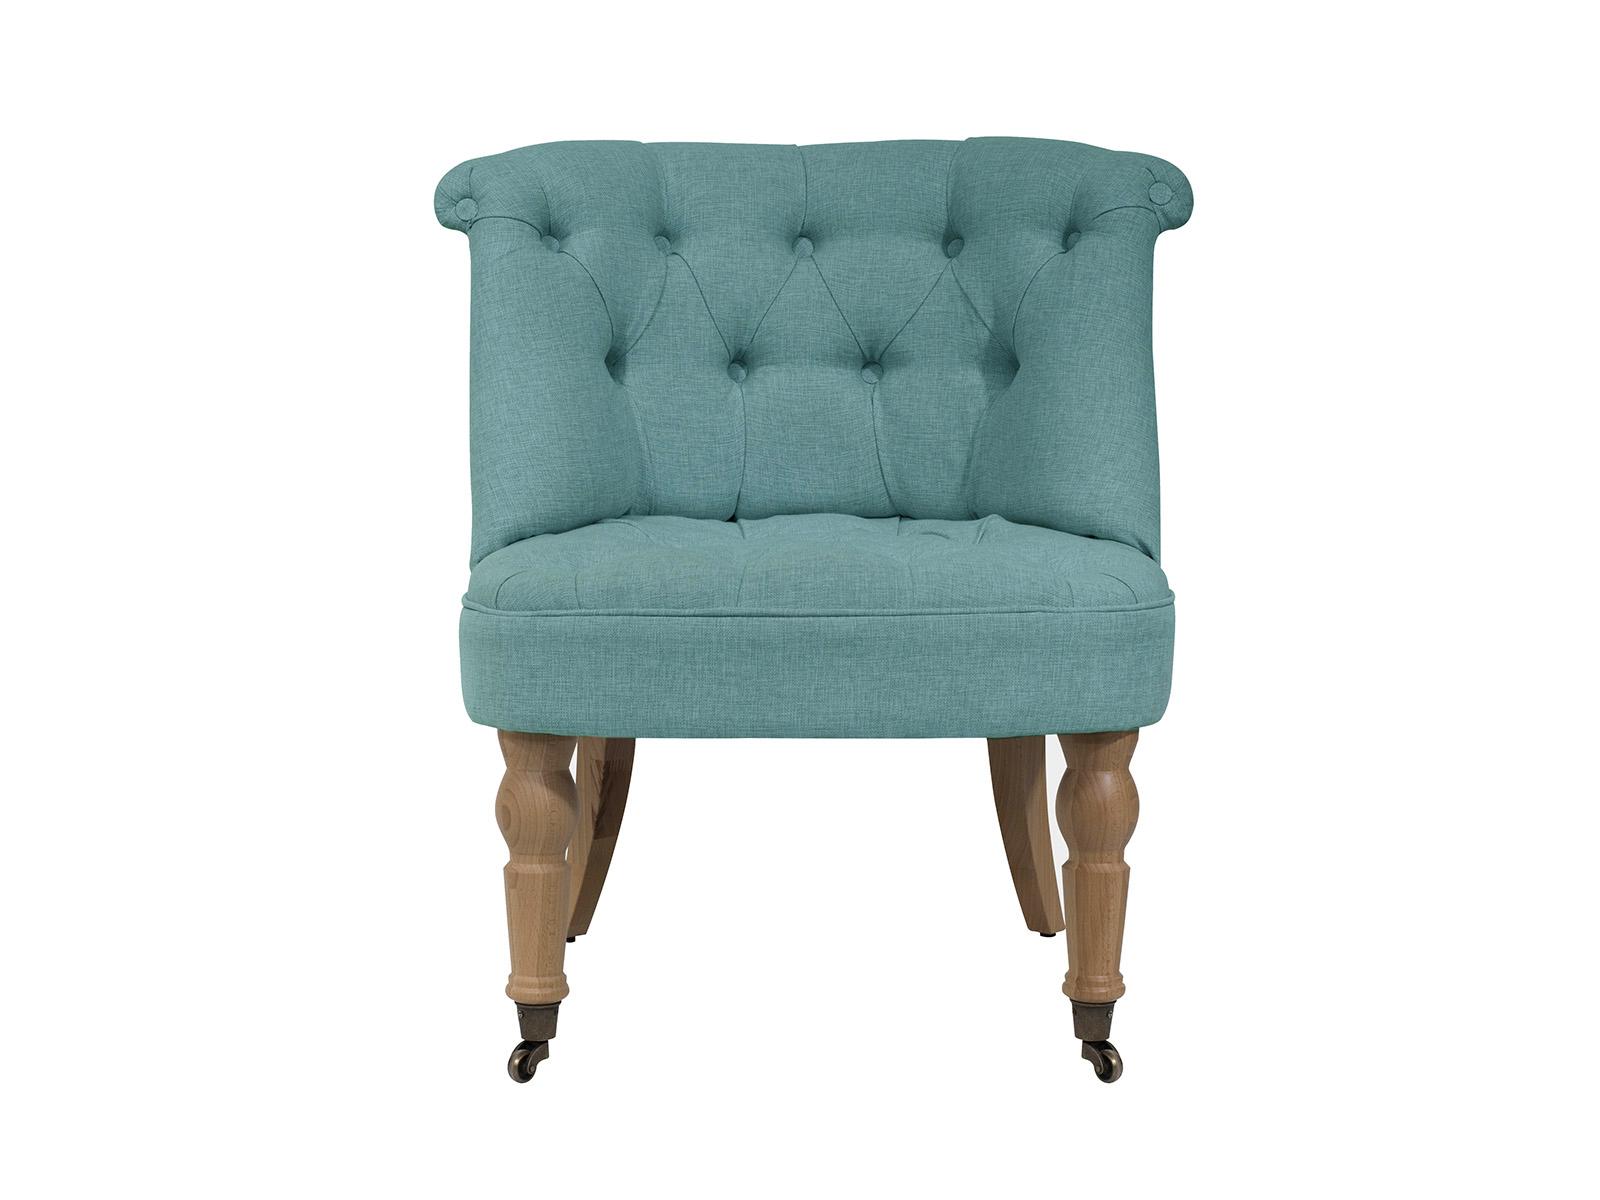 Кресло VisconПолукресла<br>Низкое мягкое кресло на точёных ножках с колёсиками. Спинка и сиденье декорированы стёжкой капитоне на пуговицах.&amp;lt;div&amp;gt;&amp;lt;br&amp;gt;&amp;lt;/div&amp;gt;&amp;lt;div&amp;gt;&amp;lt;div&amp;gt;Материалы:&amp;lt;/div&amp;gt;&amp;lt;div&amp;gt;Каркас: деревянный брус, фанера&amp;lt;/div&amp;gt;&amp;lt;div&amp;gt;Сиденье и спинка: эластичные ремни, пенополиуретан, синтепон&amp;lt;/div&amp;gt;&amp;lt;div&amp;gt;Обивка: ткань&amp;lt;/div&amp;gt;&amp;lt;div&amp;gt;Ножки: массив дерева&amp;lt;/div&amp;gt;&amp;lt;/div&amp;gt;&amp;lt;div&amp;gt;&amp;lt;br&amp;gt;&amp;lt;/div&amp;gt;&amp;lt;div&amp;gt;&amp;lt;div&amp;gt;Ширина сиденья: 60 см&amp;lt;/div&amp;gt;&amp;lt;div&amp;gt;Глубина сиденья: 46 см&amp;lt;/div&amp;gt;&amp;lt;div&amp;gt;Высота сиденья: 42 см&amp;lt;/div&amp;gt;&amp;lt;/div&amp;gt;<br><br>Material: Текстиль<br>Ширина см: 70<br>Высота см: 76<br>Глубина см: 65